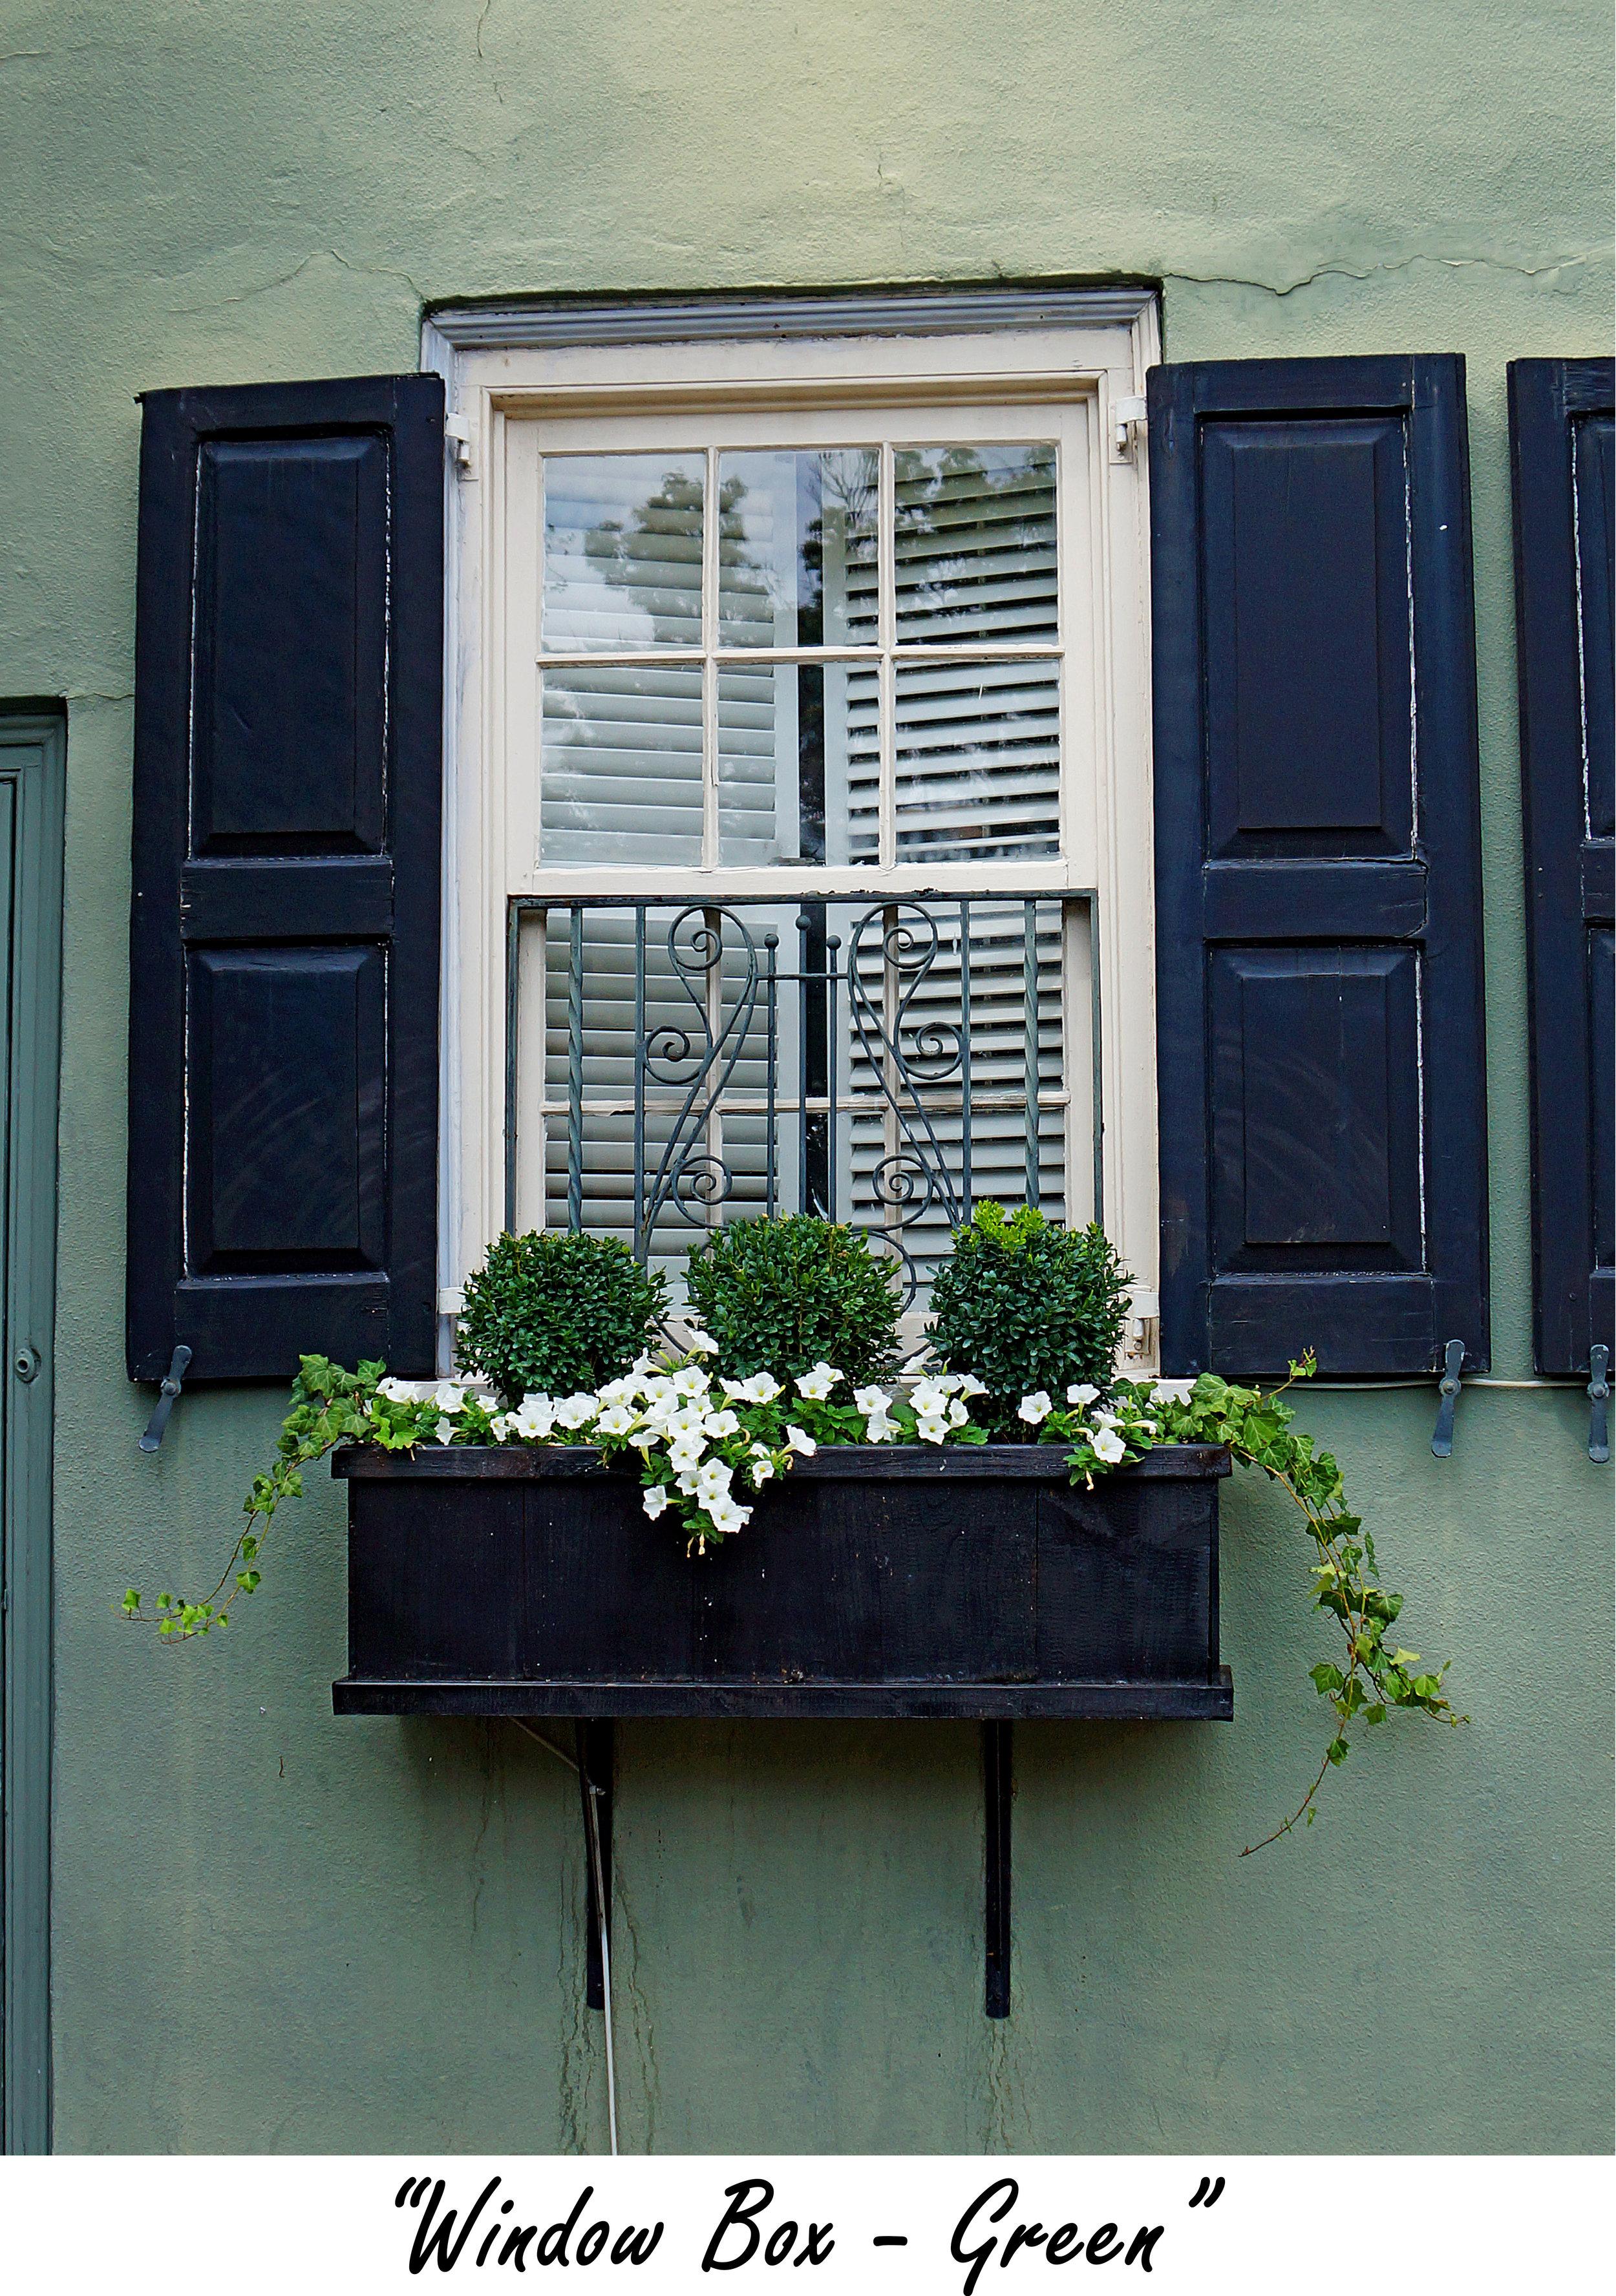 windowbox Green.jpg